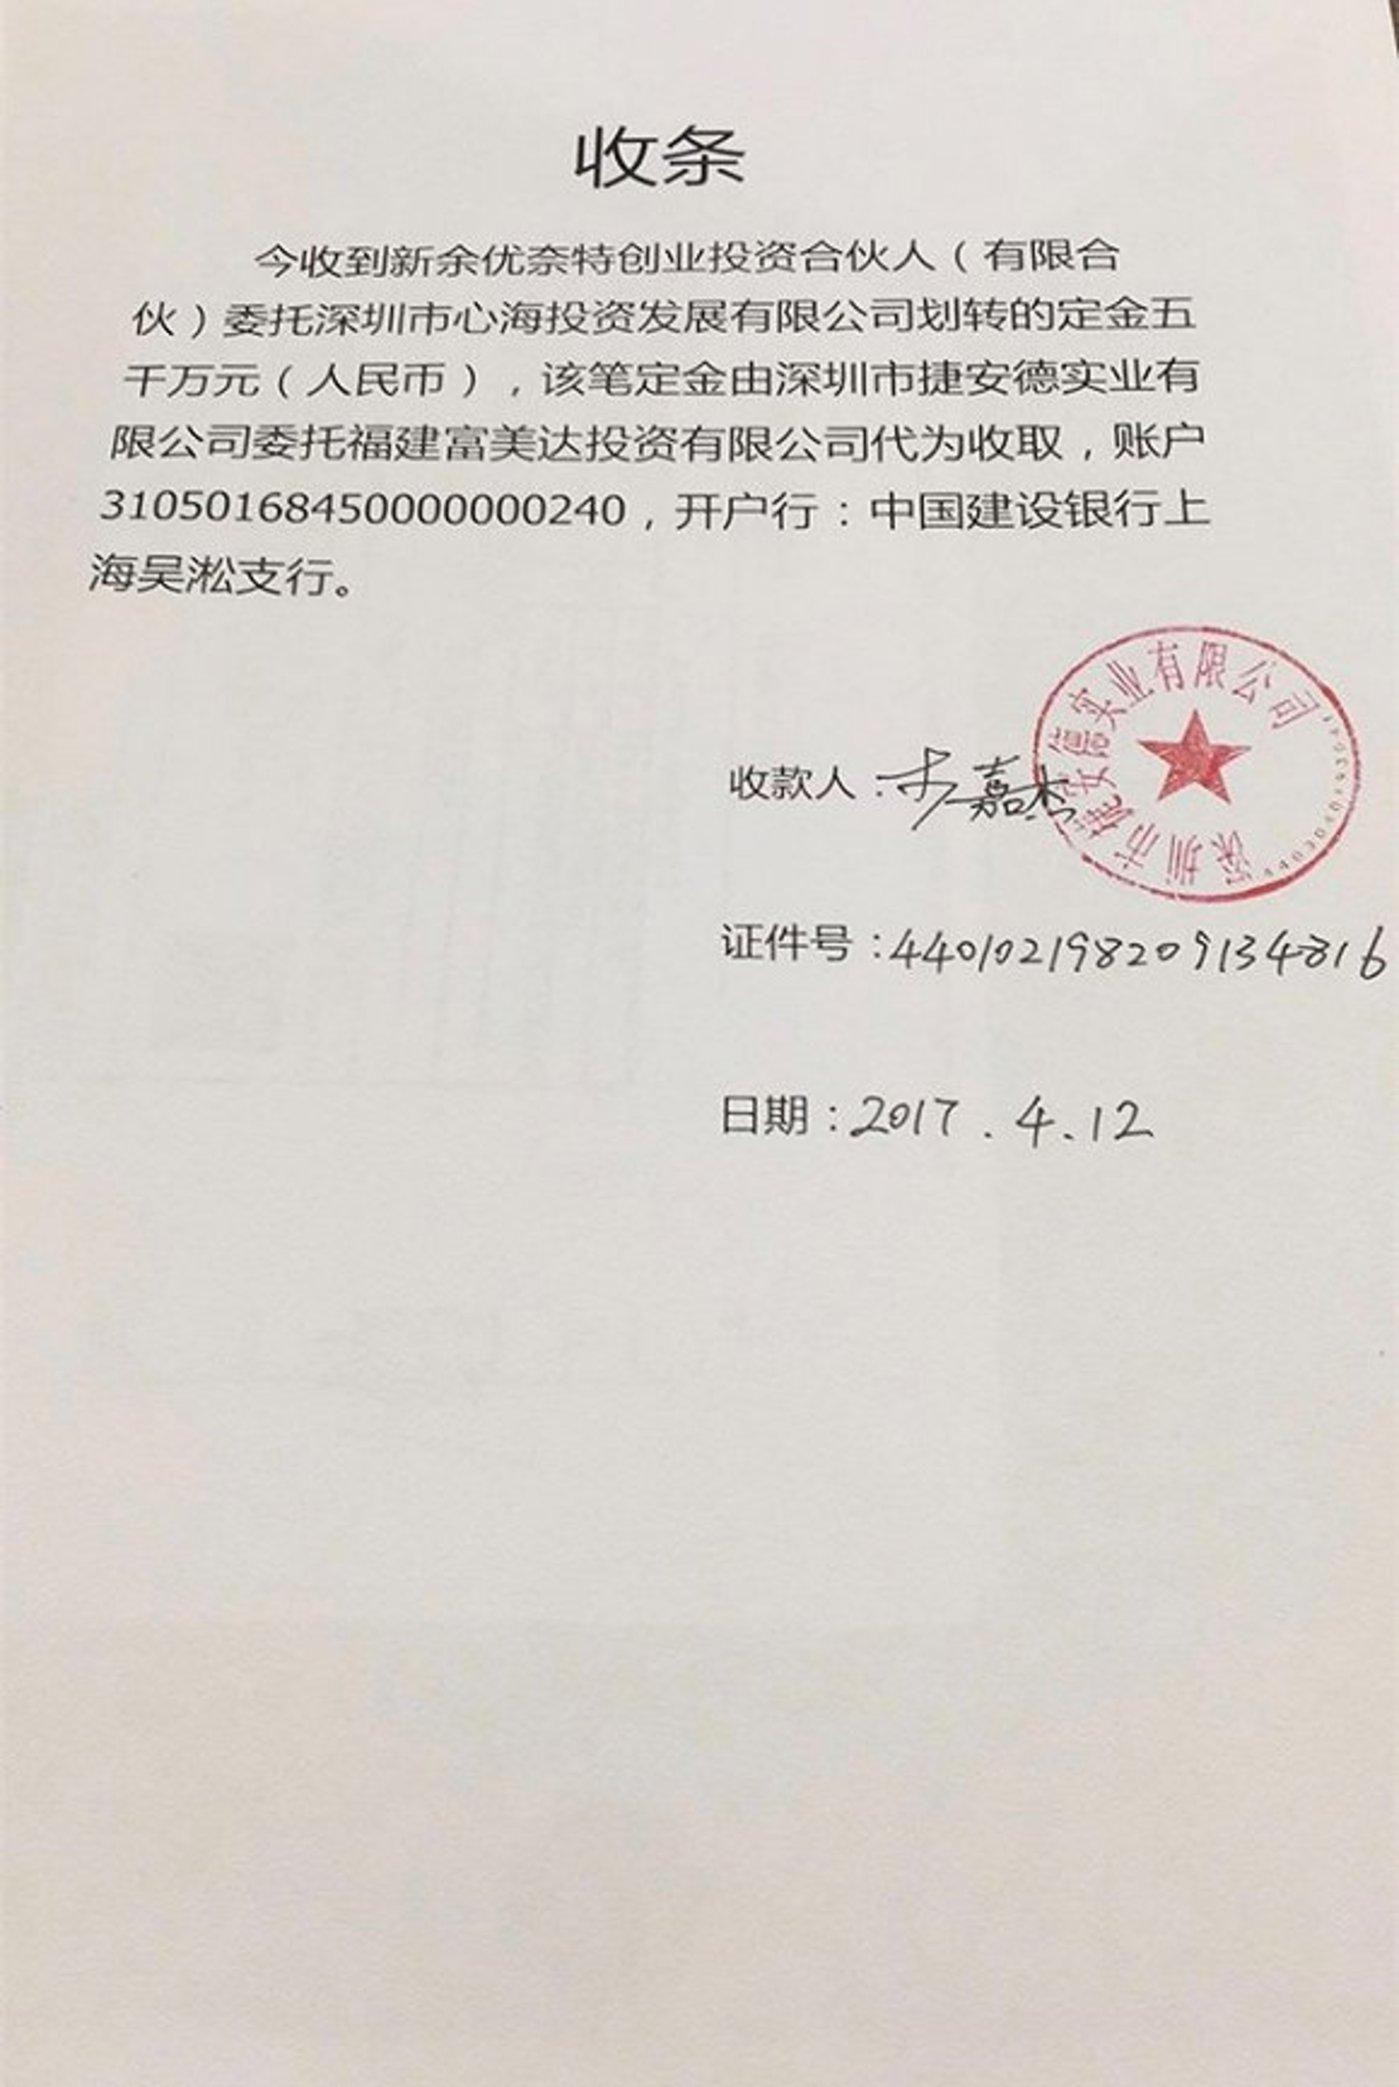 捷安德法人李嘉杰收取优奈特公司钱款的凭证